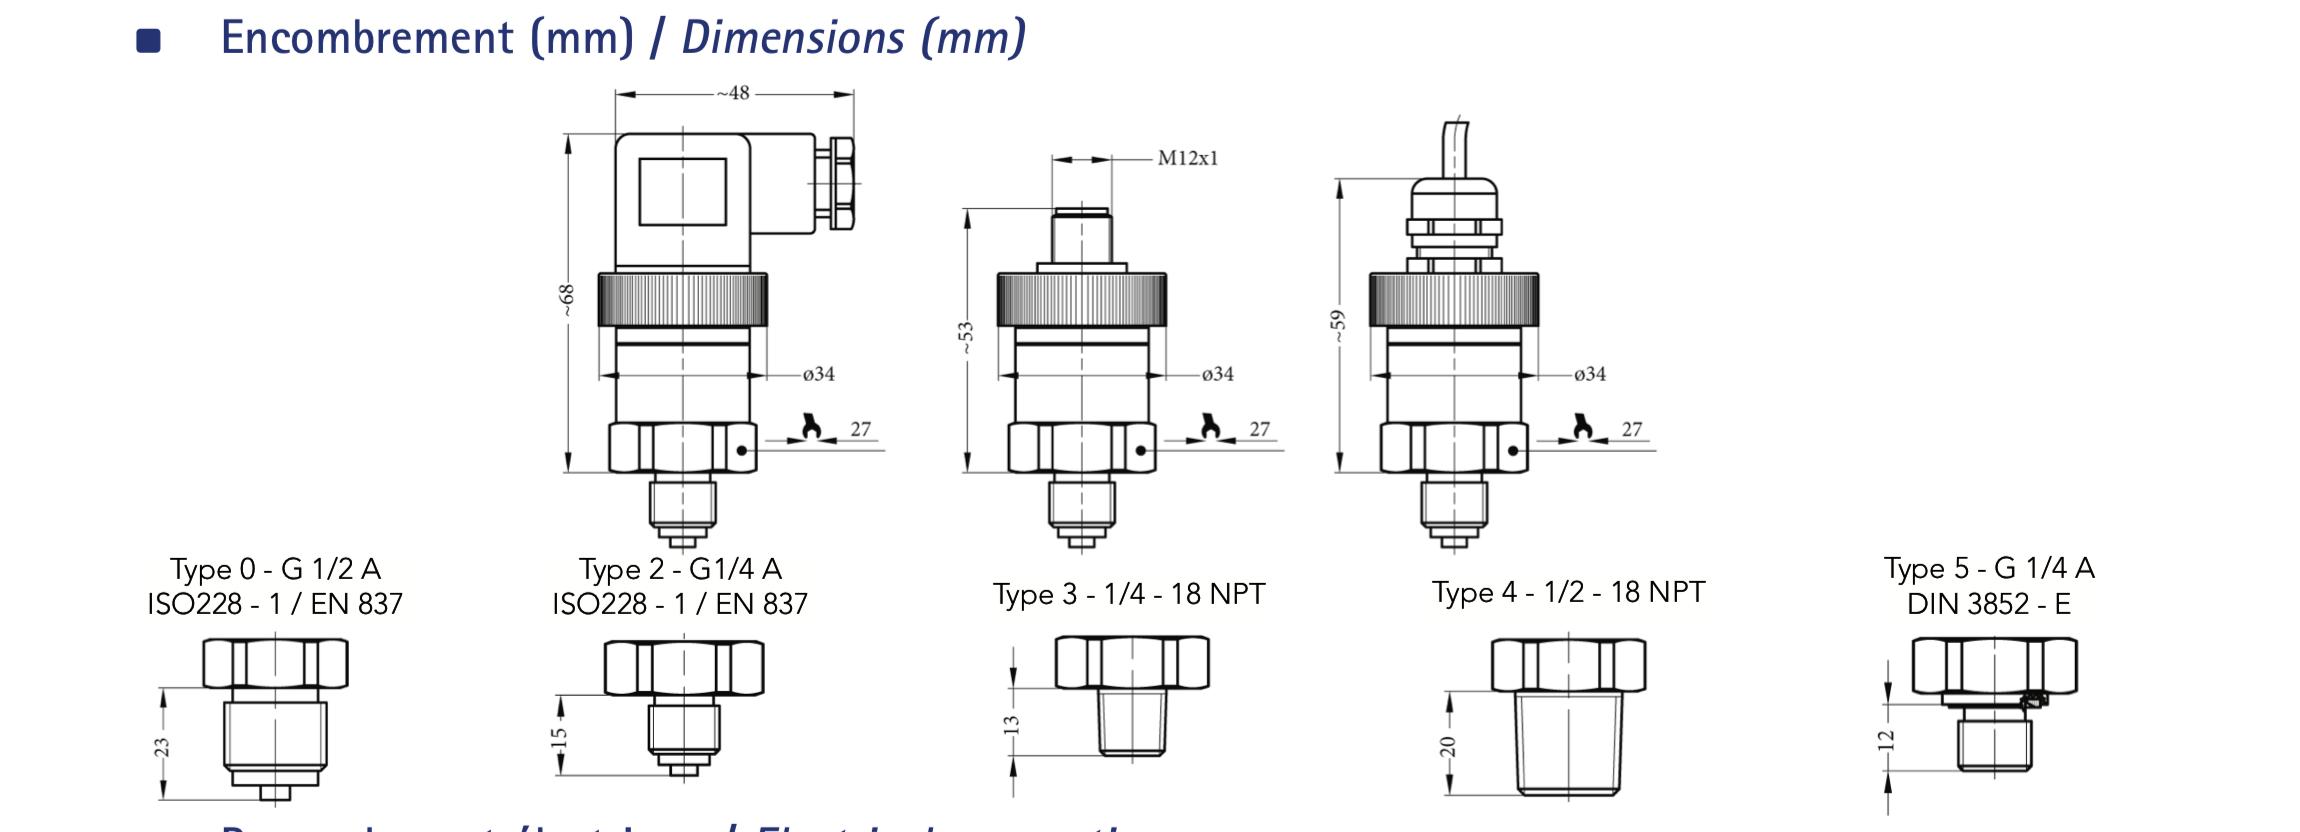 Kiểu nối ren Cảm Biến Đo Áp Suất 0-1Bar - Sr1